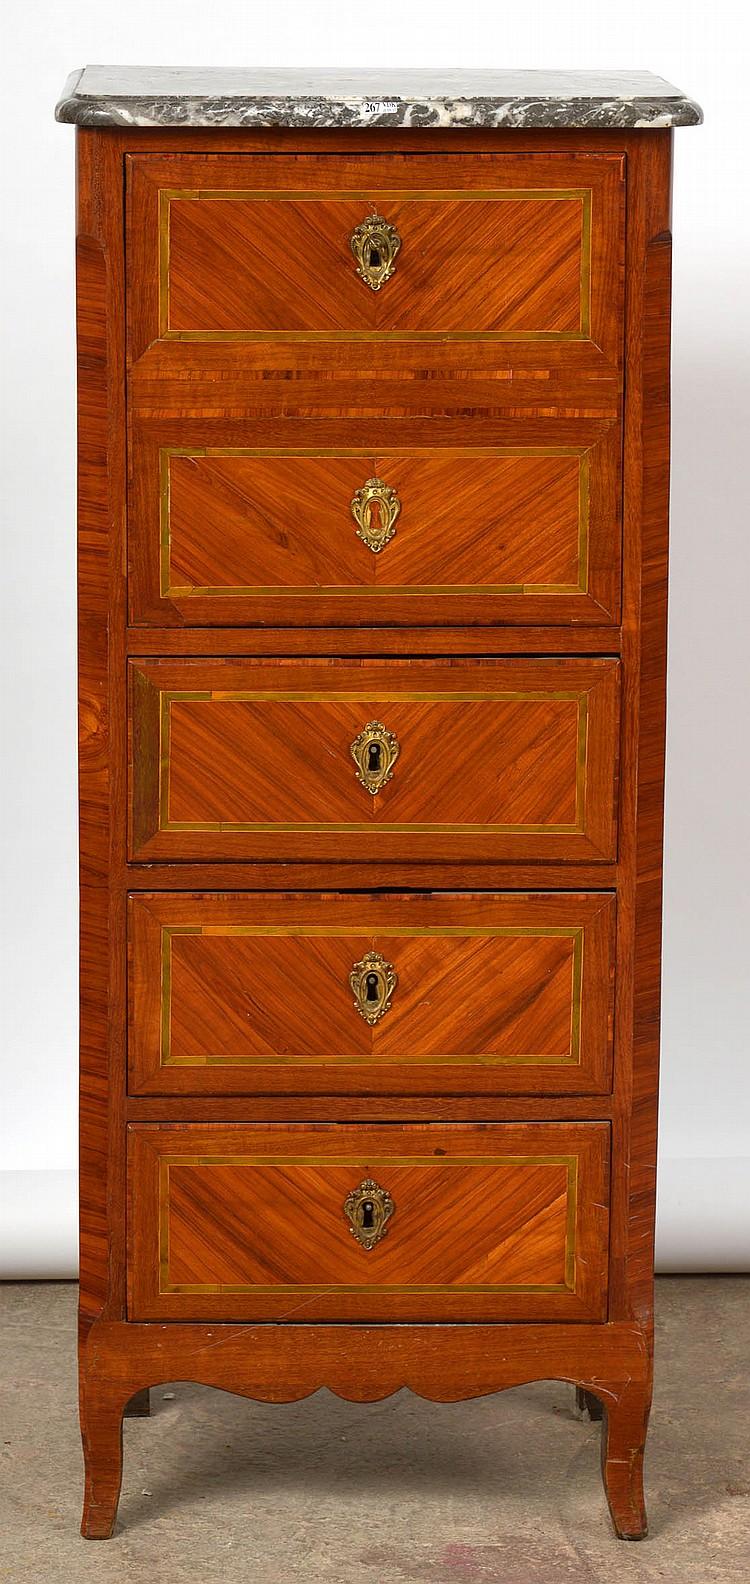 Petit secr taire droit de style transition en bois de placag for Petit secretaire